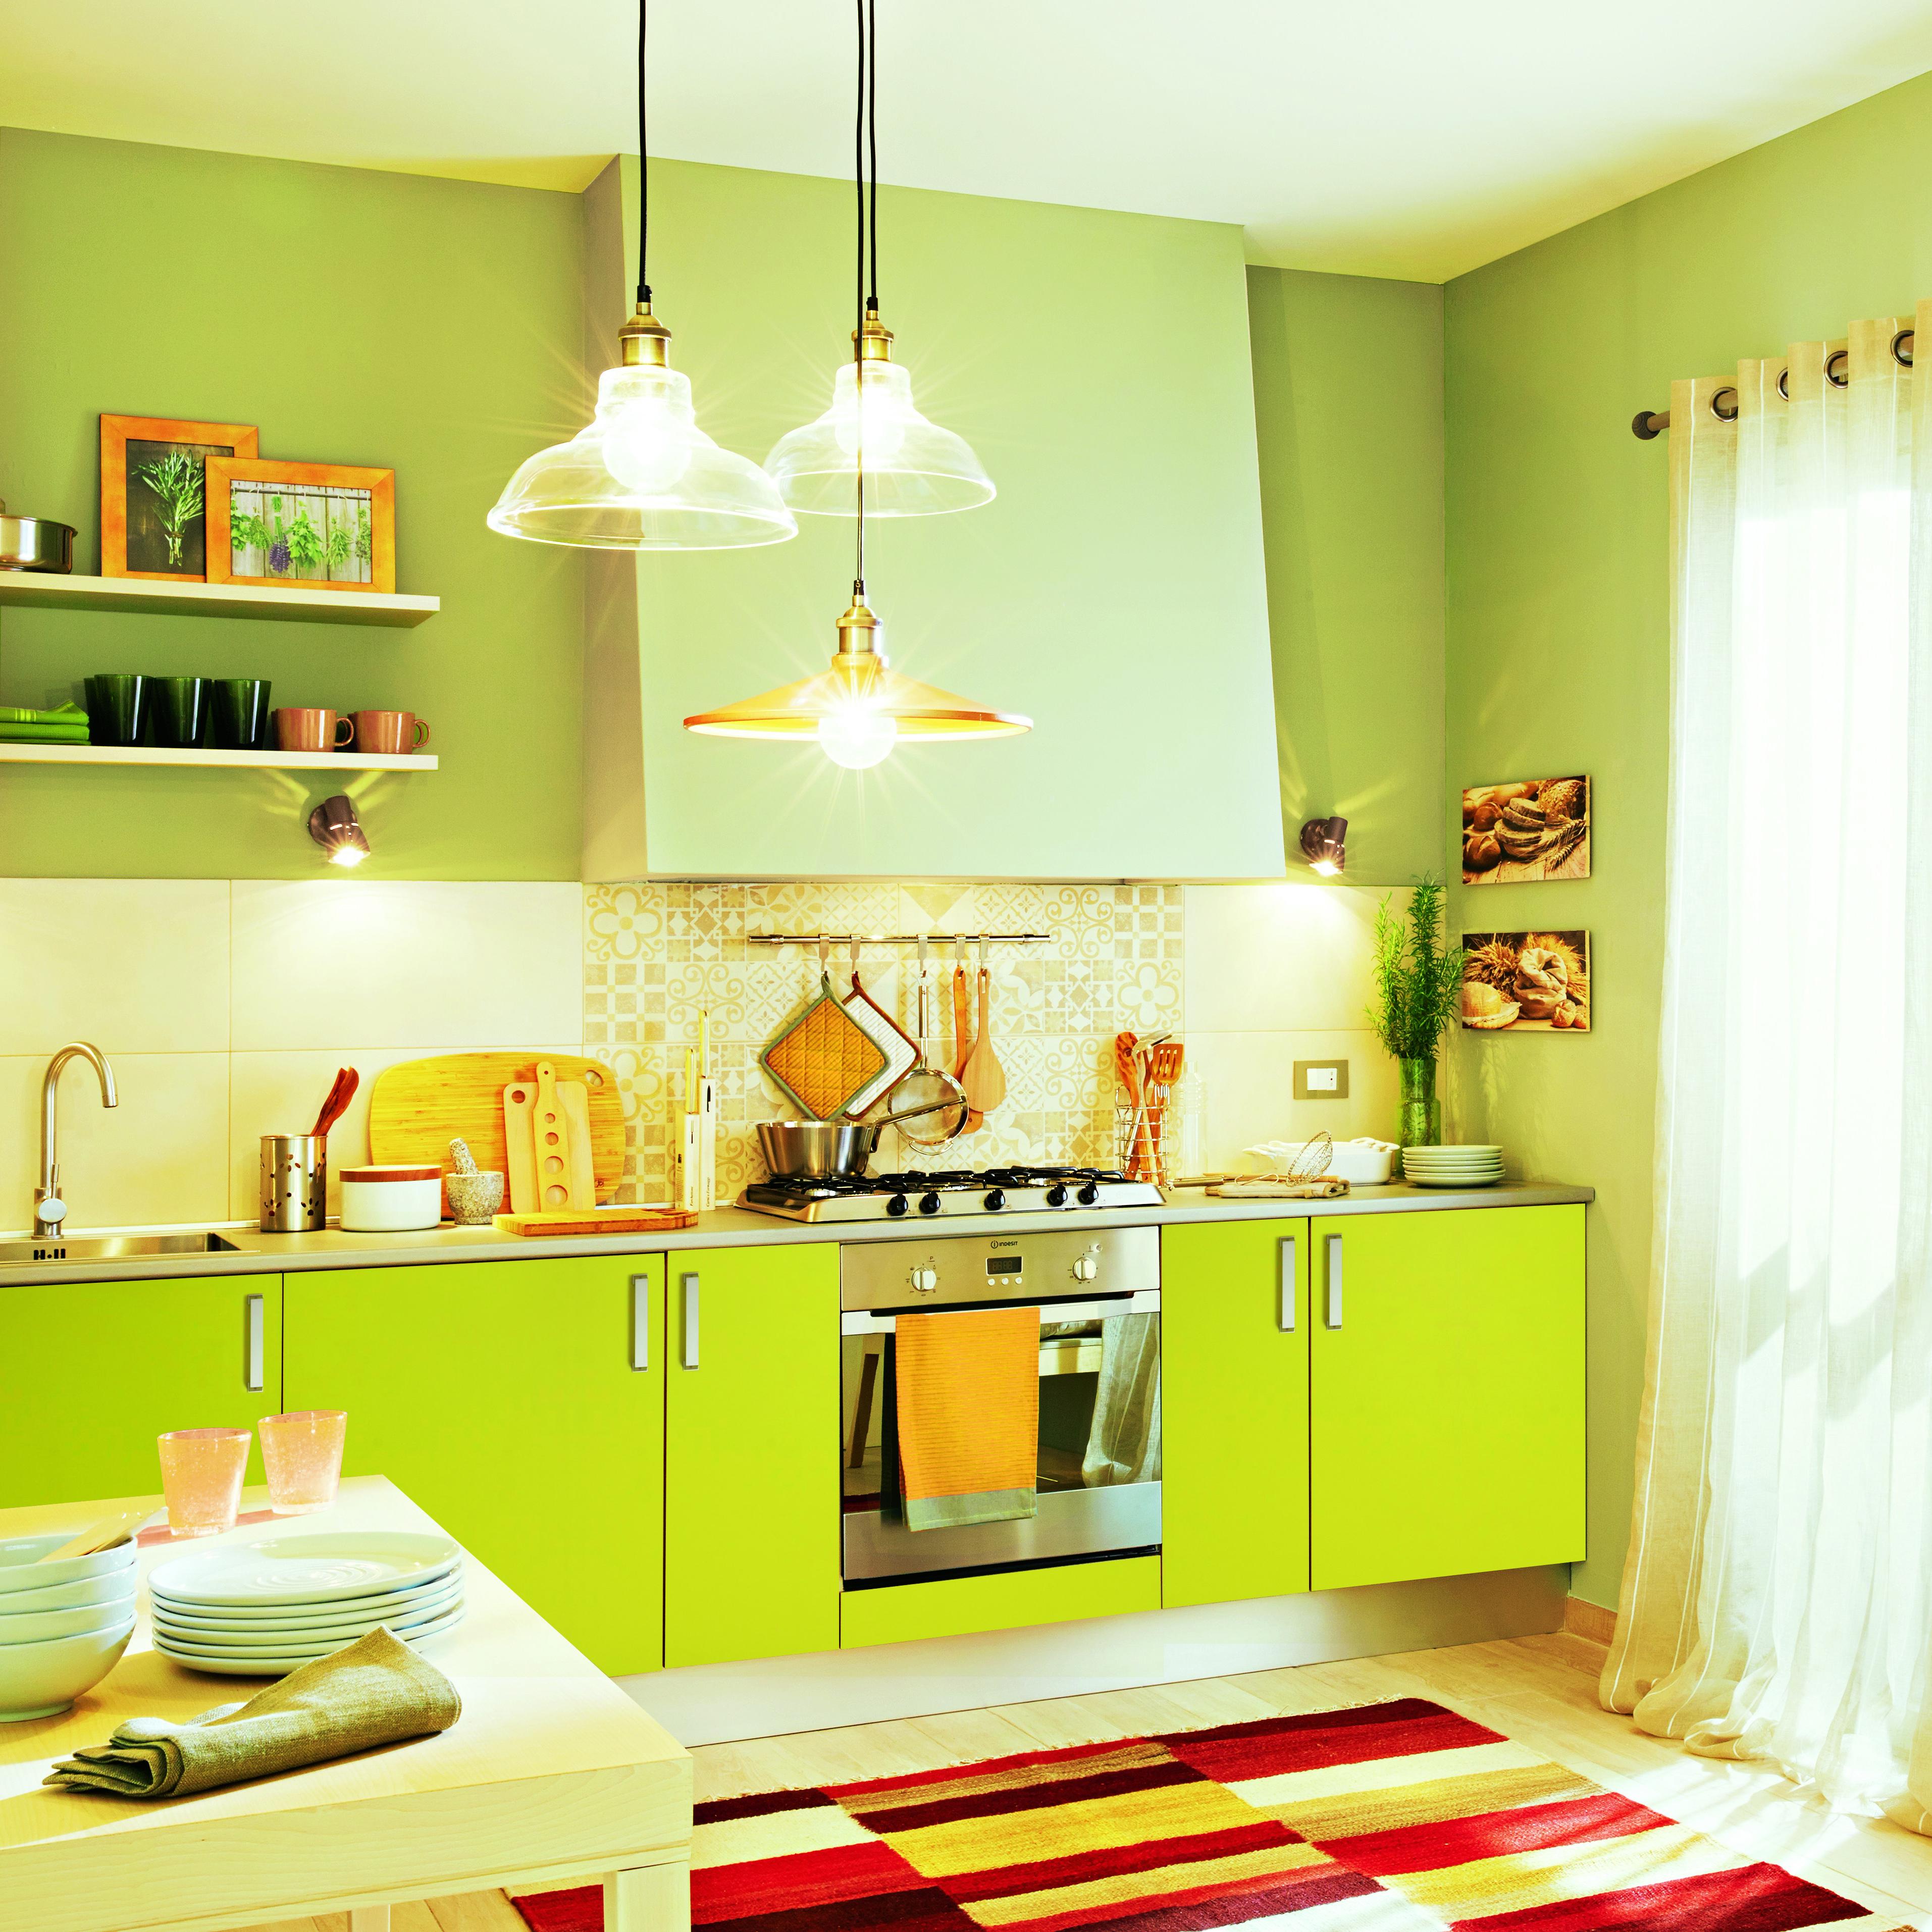 Top cucina bianco prezzo - Costo top cucina ...